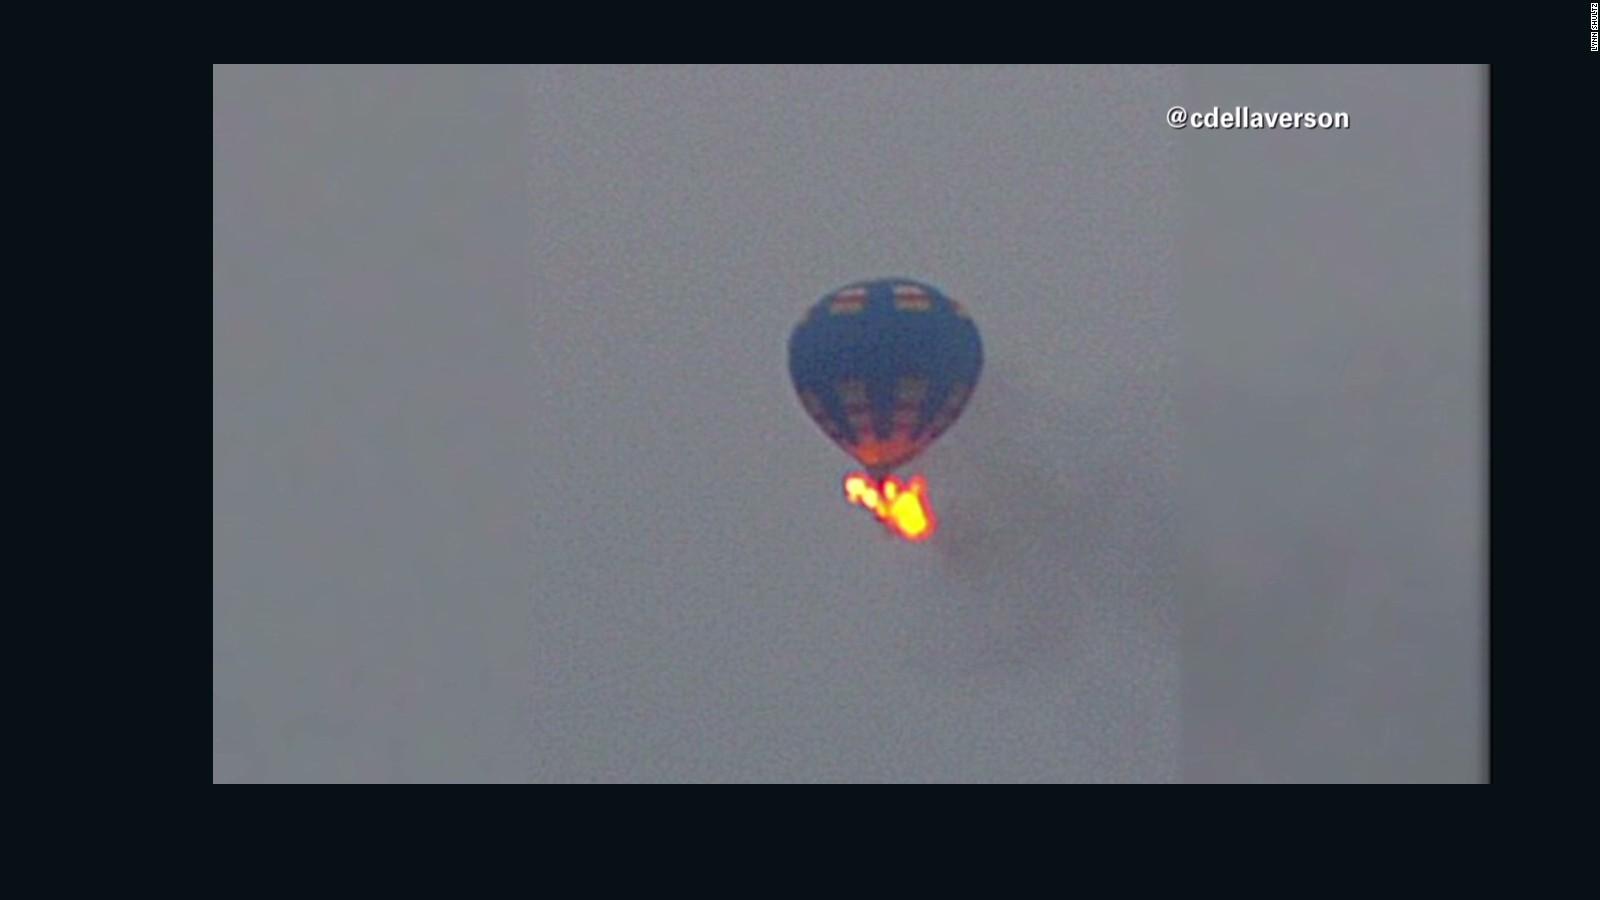 Texas hot air balloon hit power lines before crash - CNN